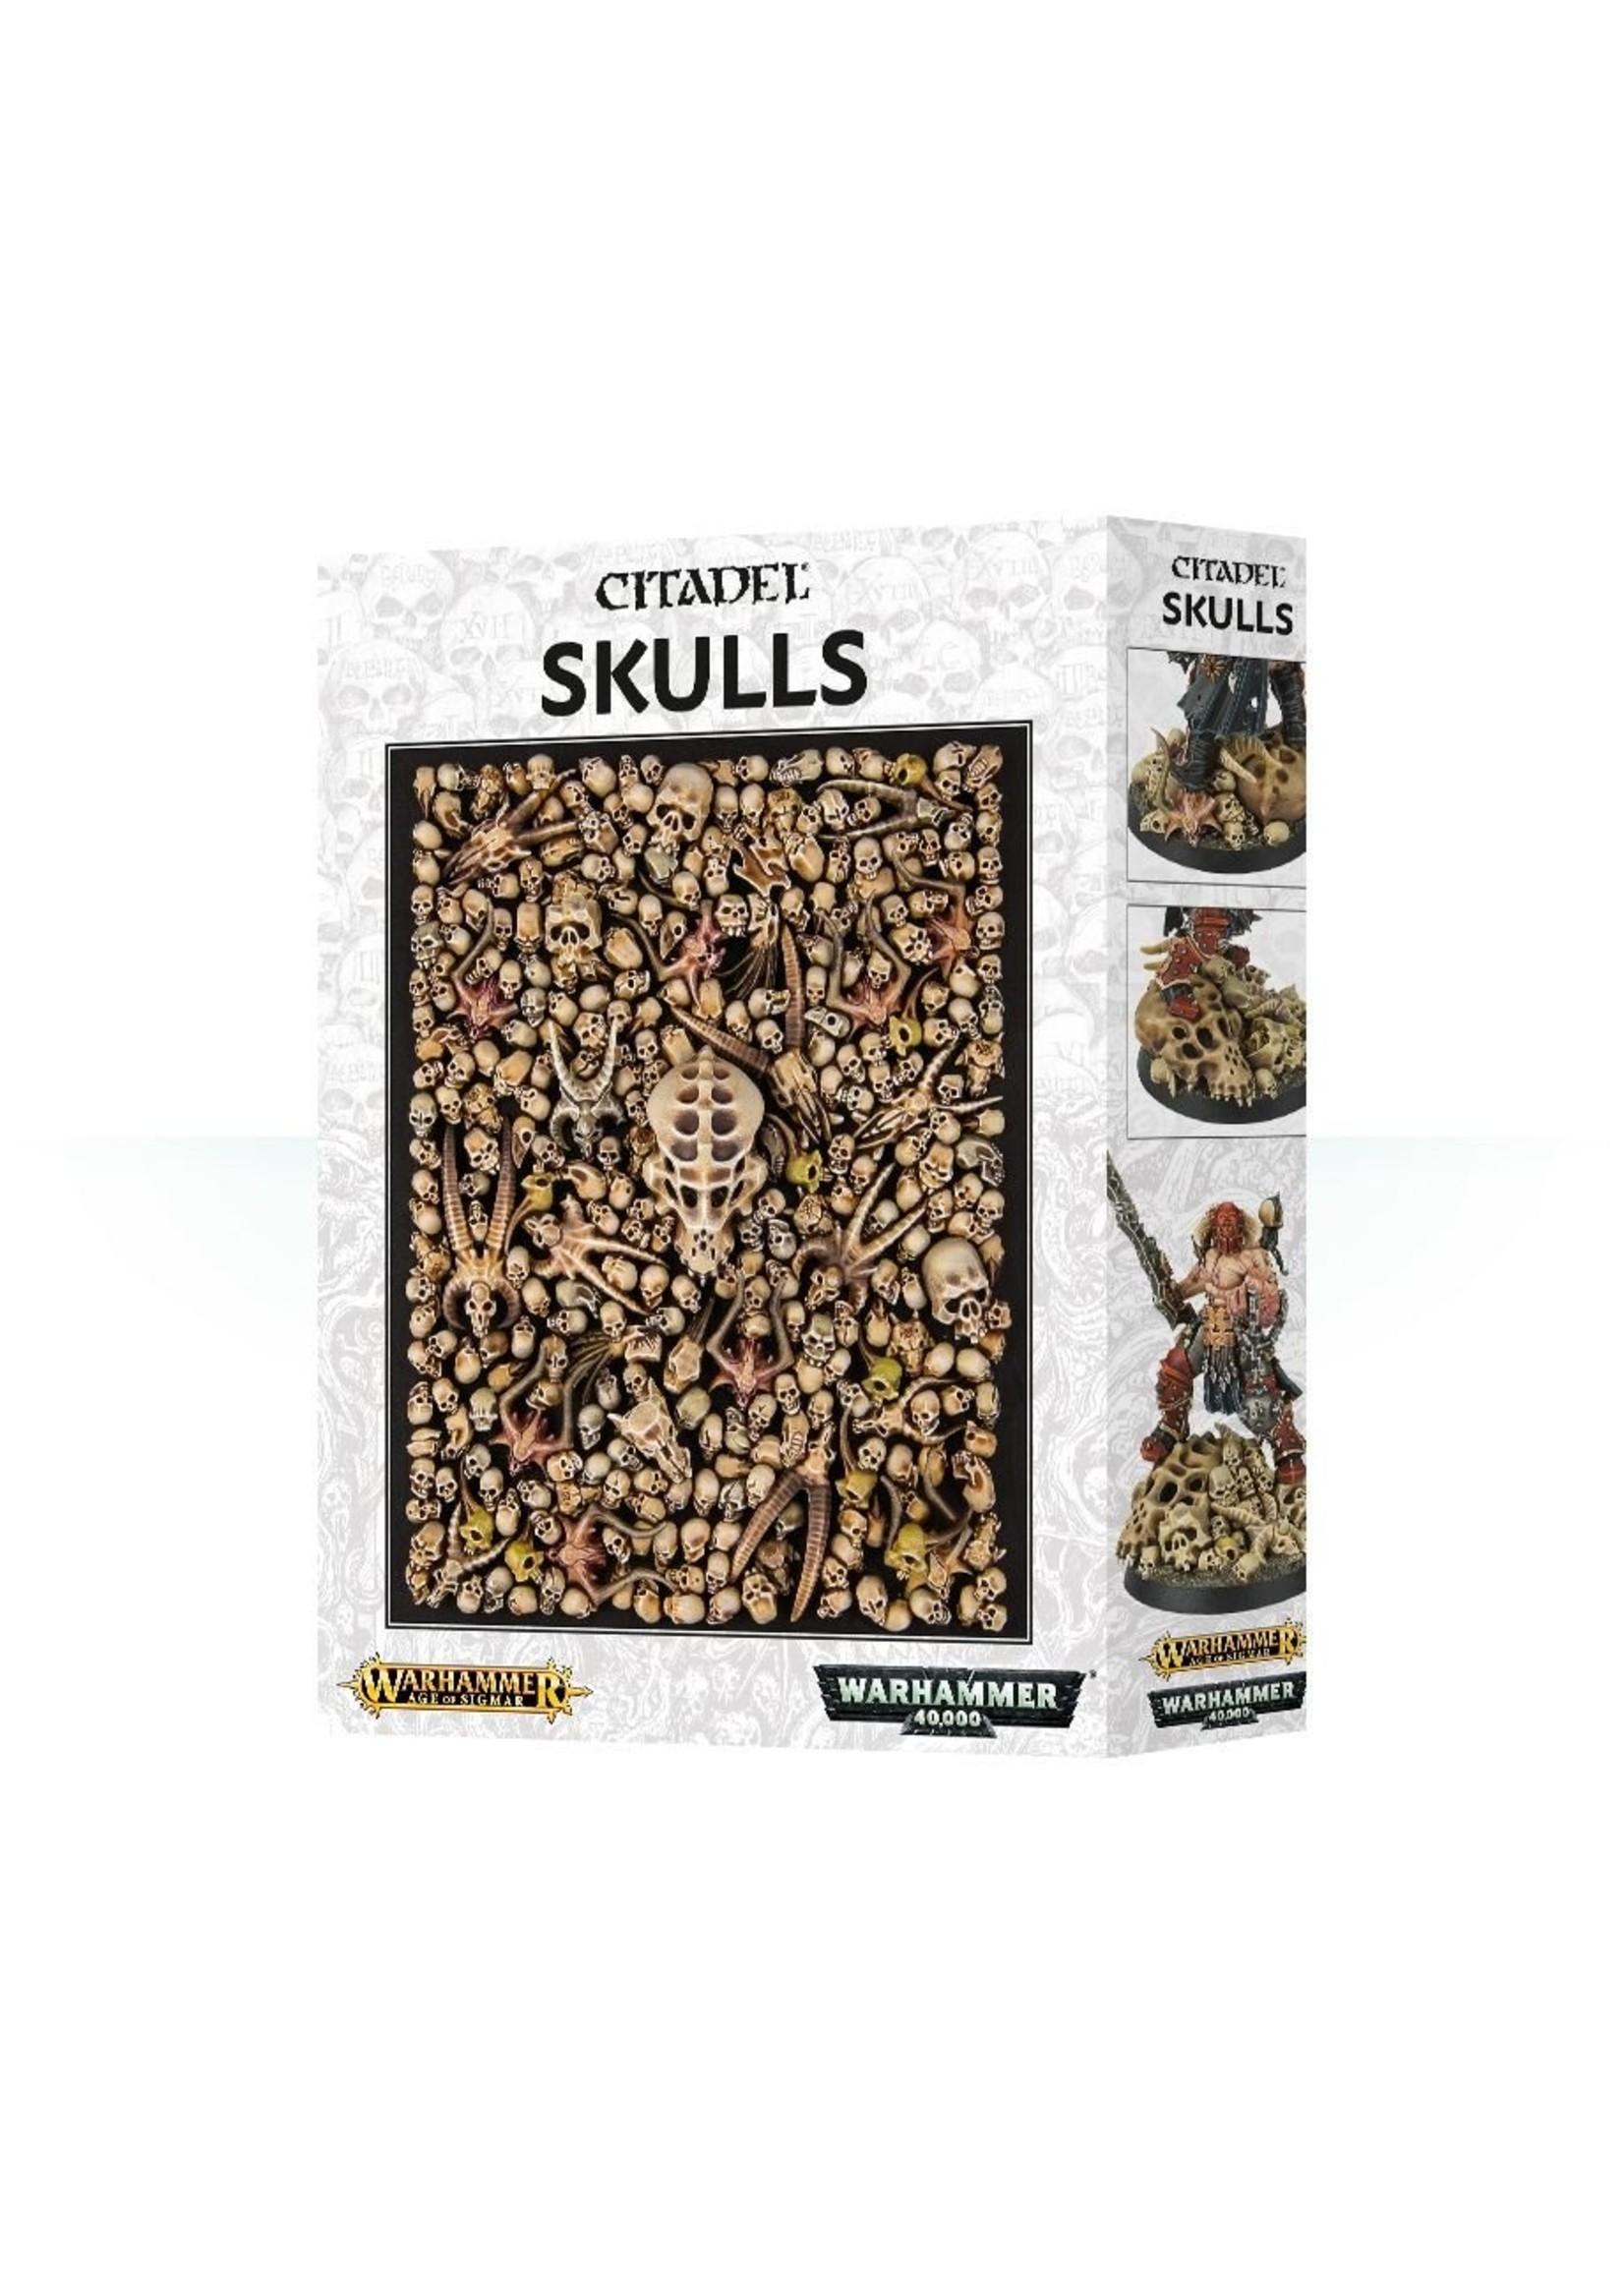 Citadel: Skulls